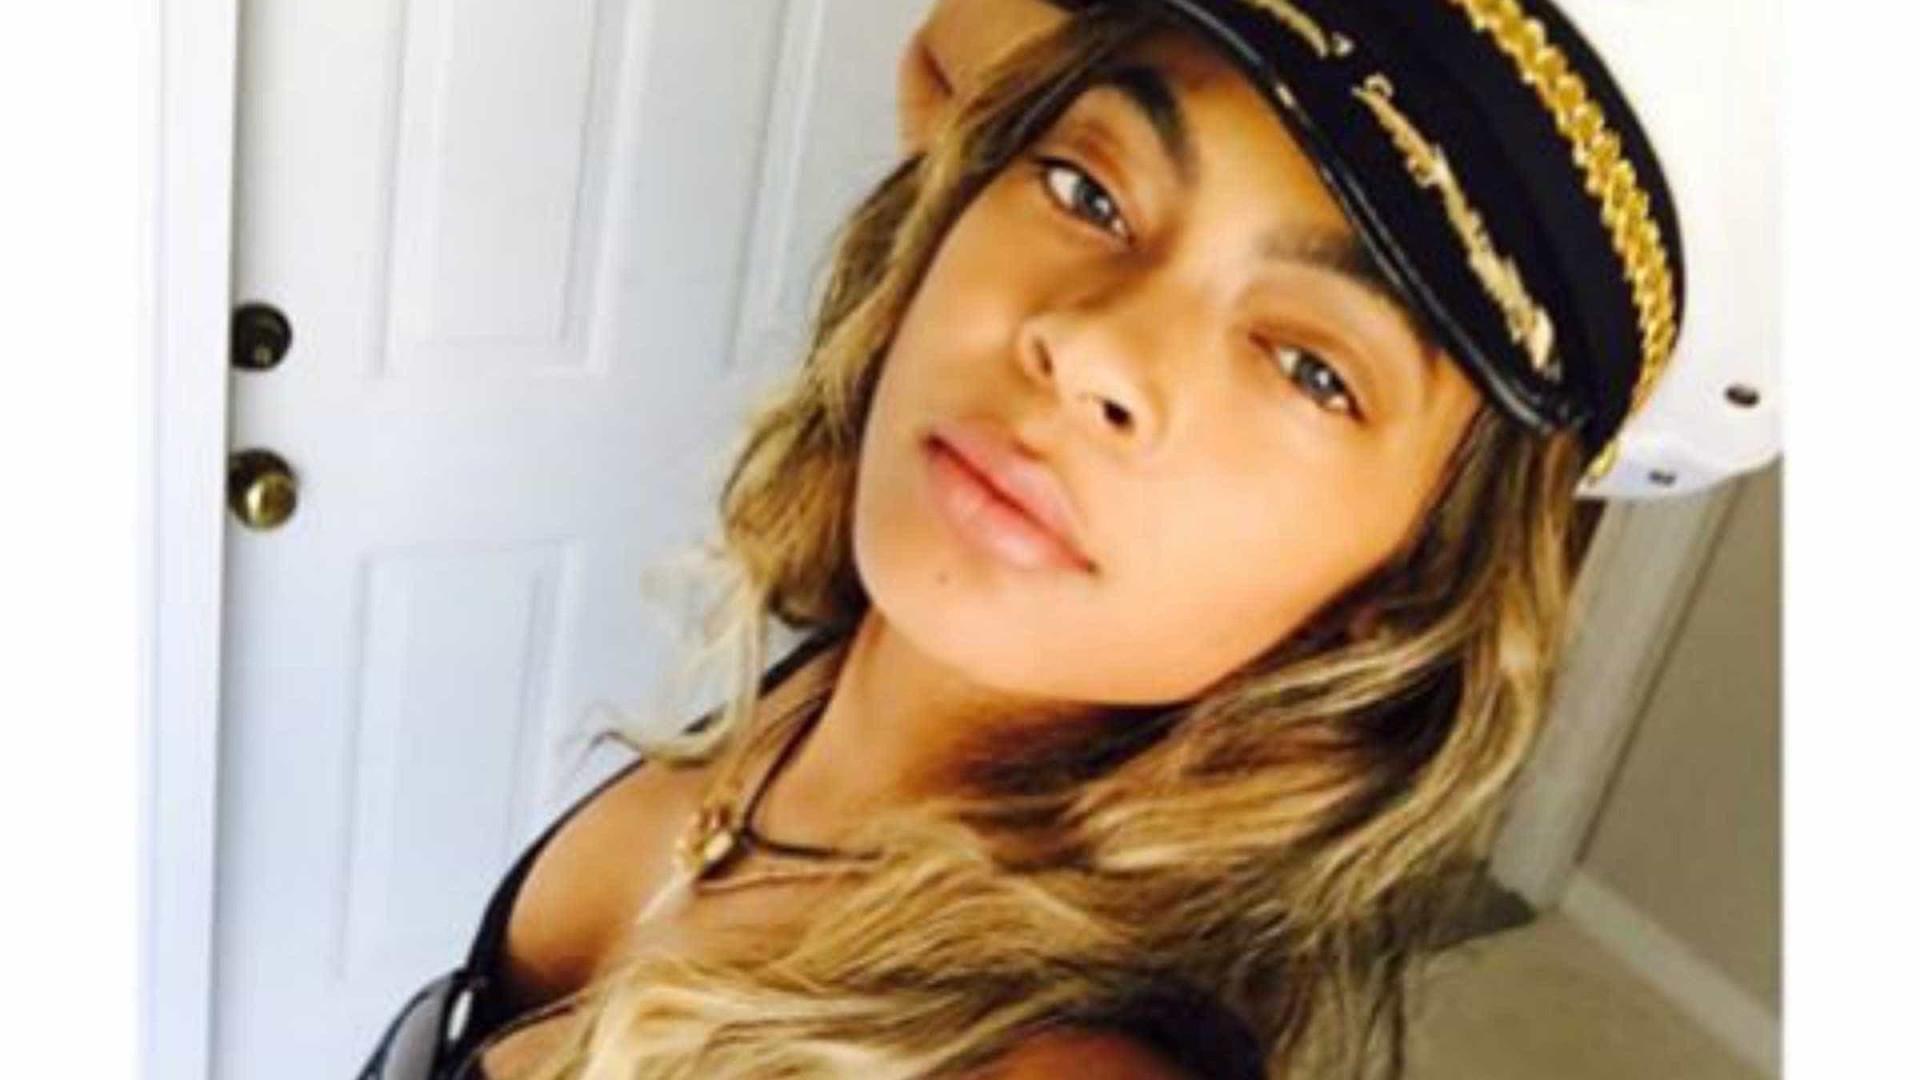 Há quem diga que esta jovem é sósia de Beyoncé. Descubra as diferenças